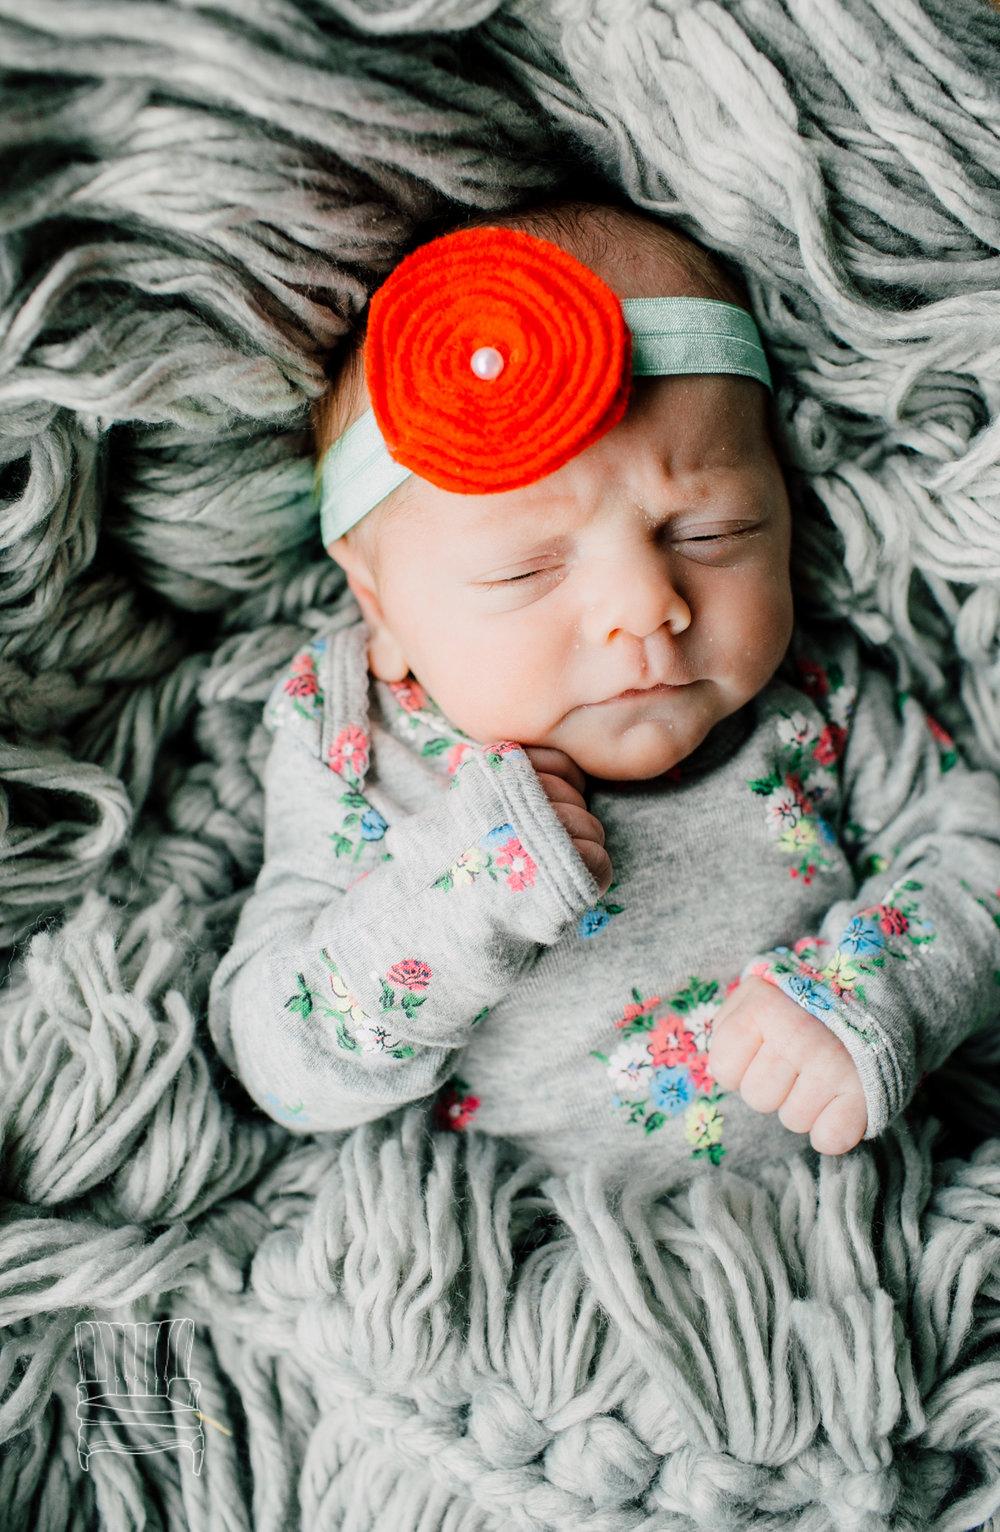 bellingham-newborn-photographer-katheryn-moran-babycora-12.jpg